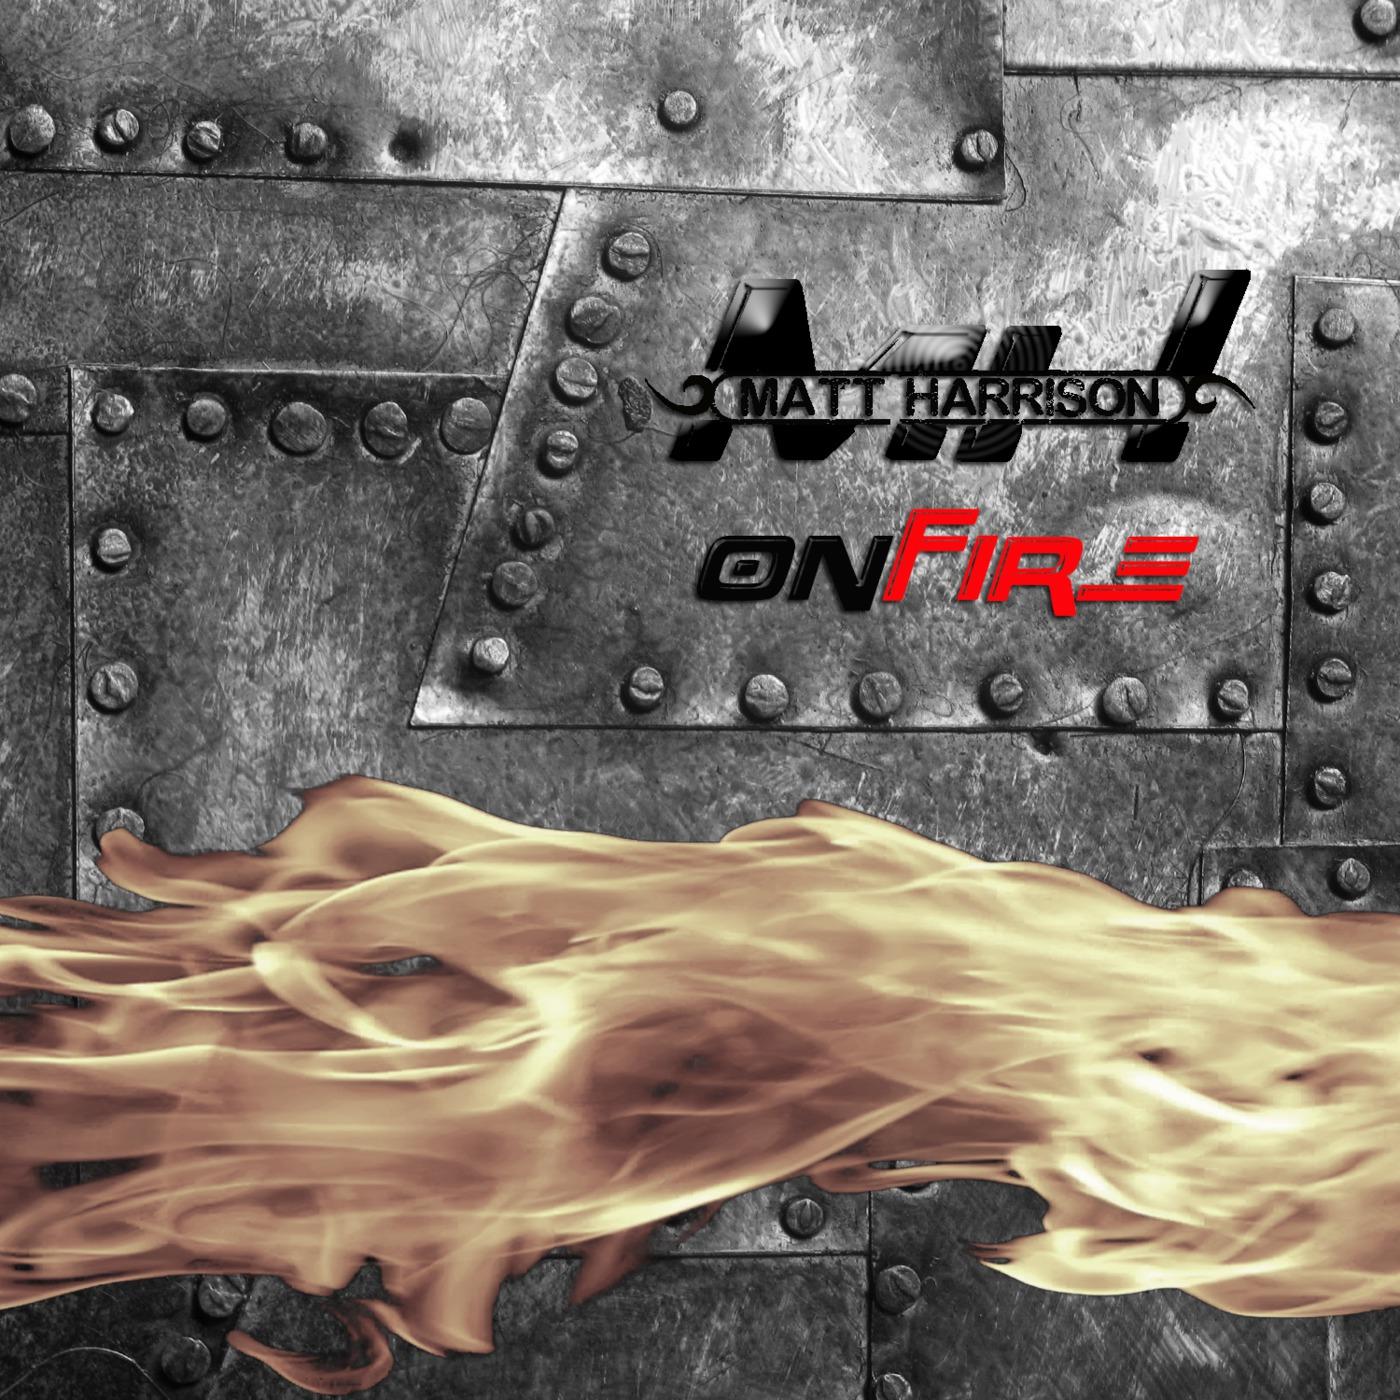 Matt Harrison - ONFIRE